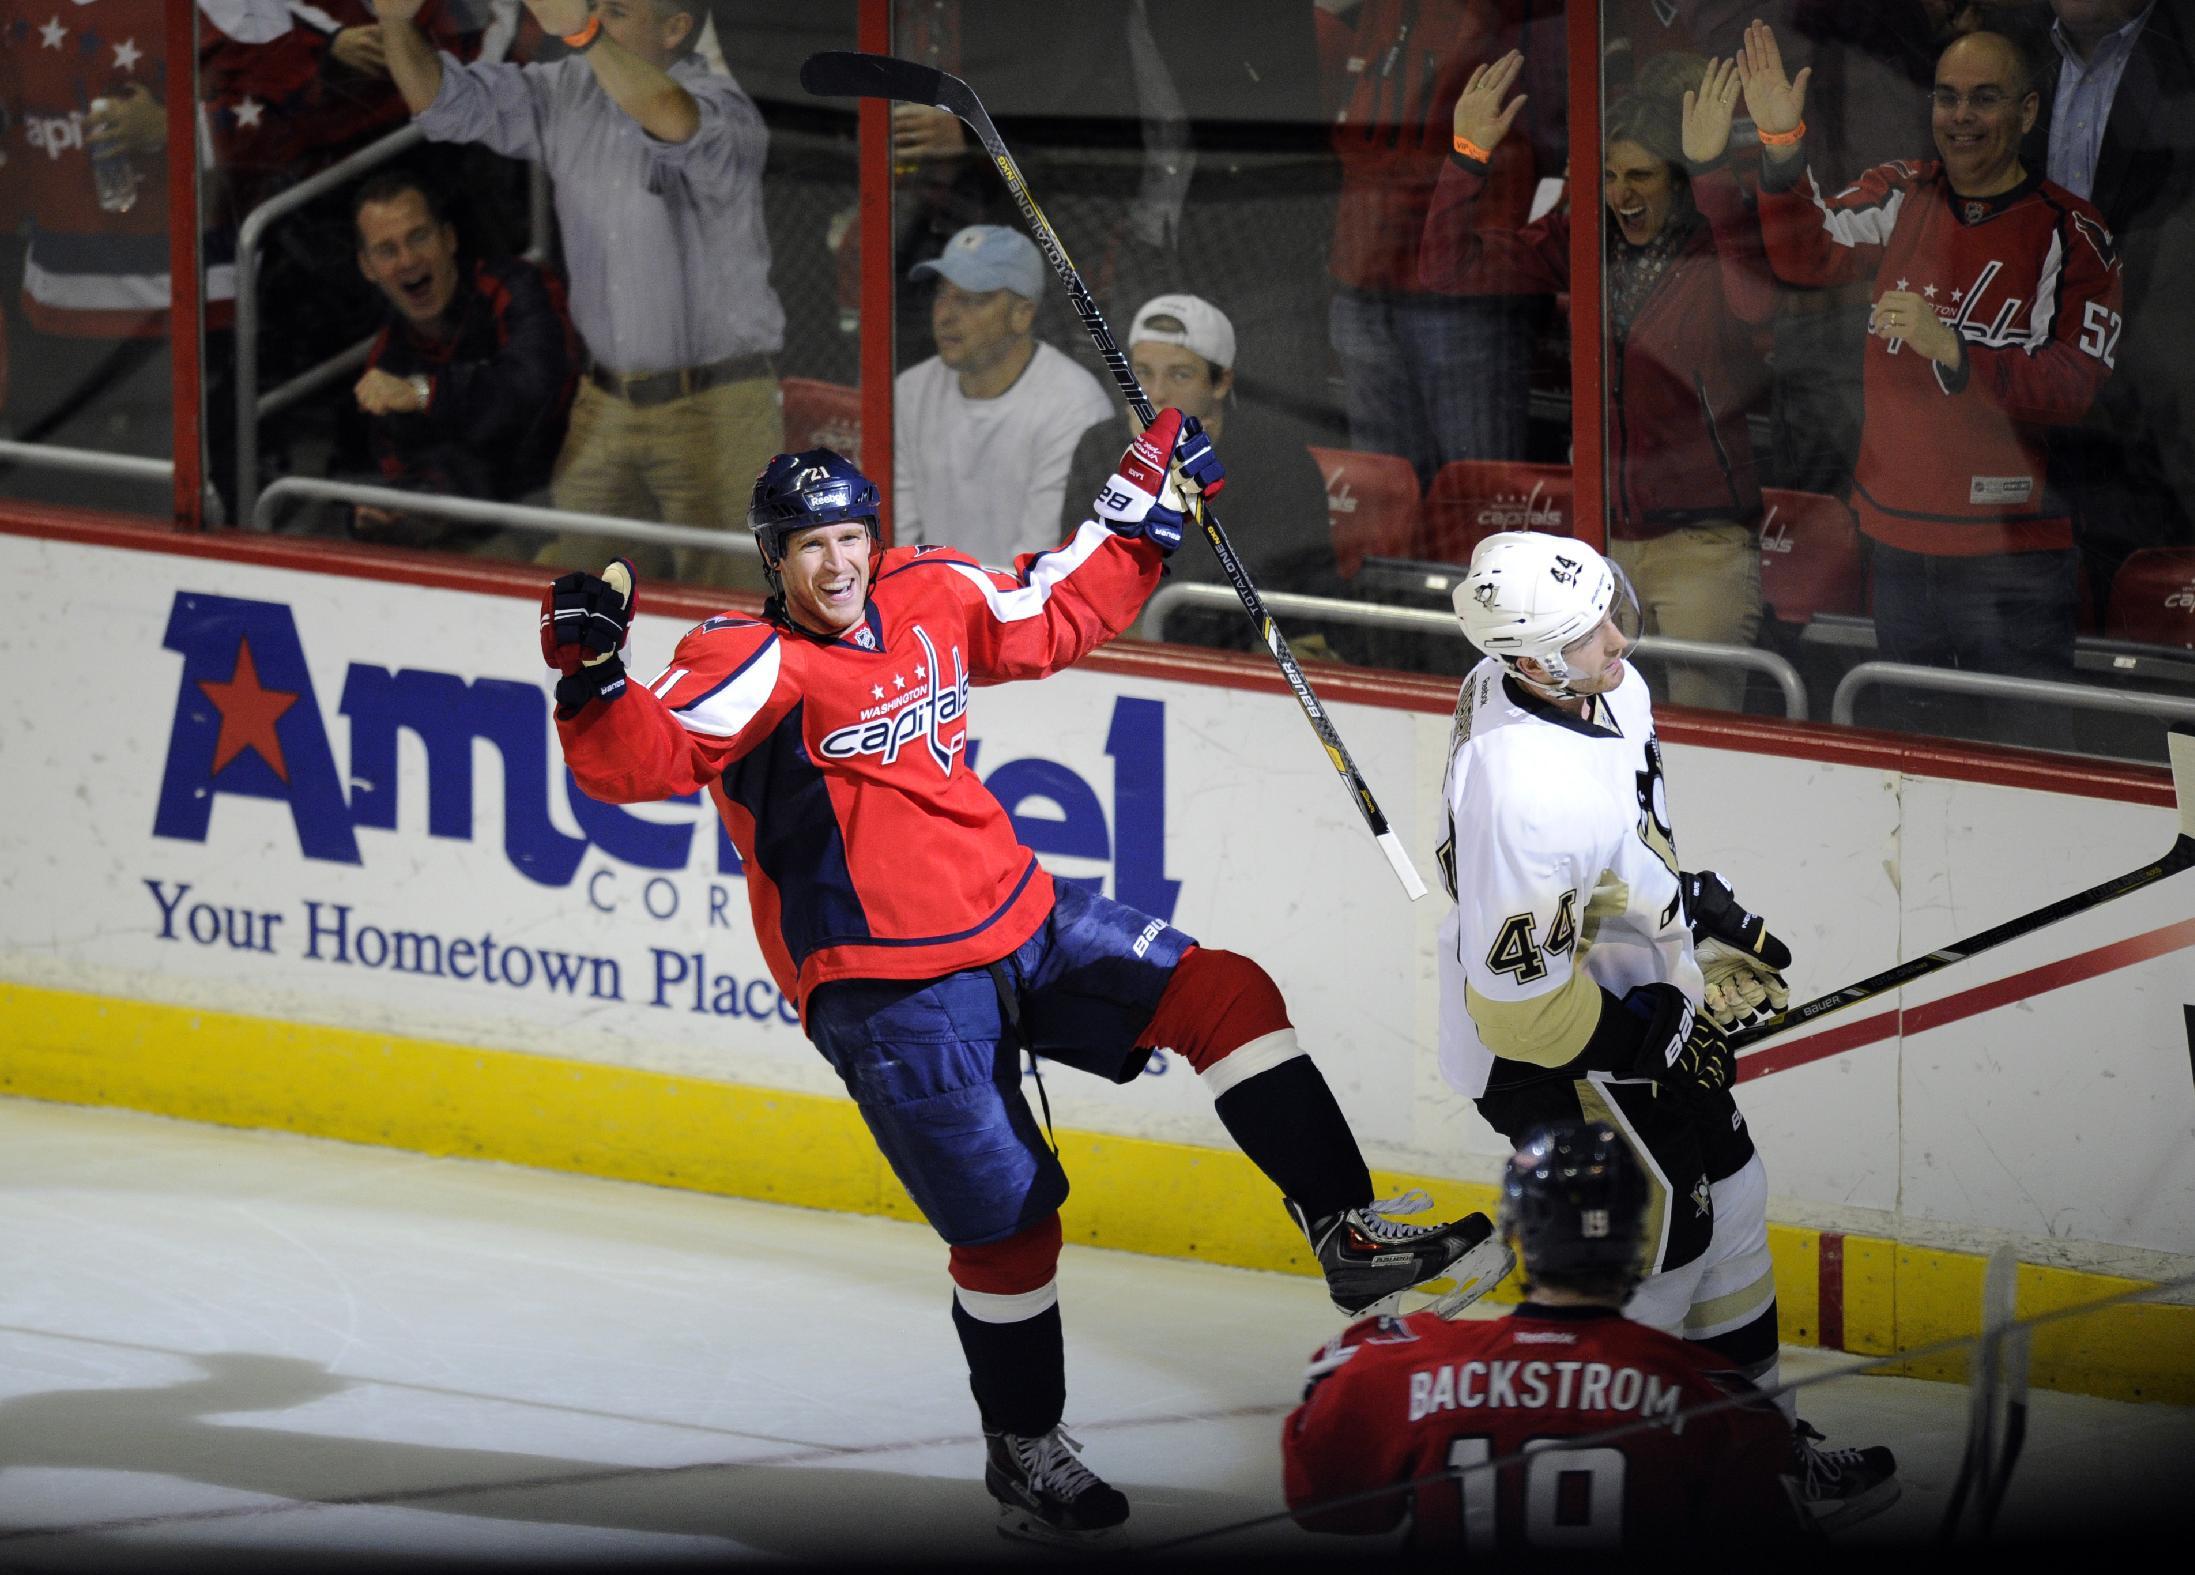 Crosby, Kunitz lead Penguins past Capitals 3-2